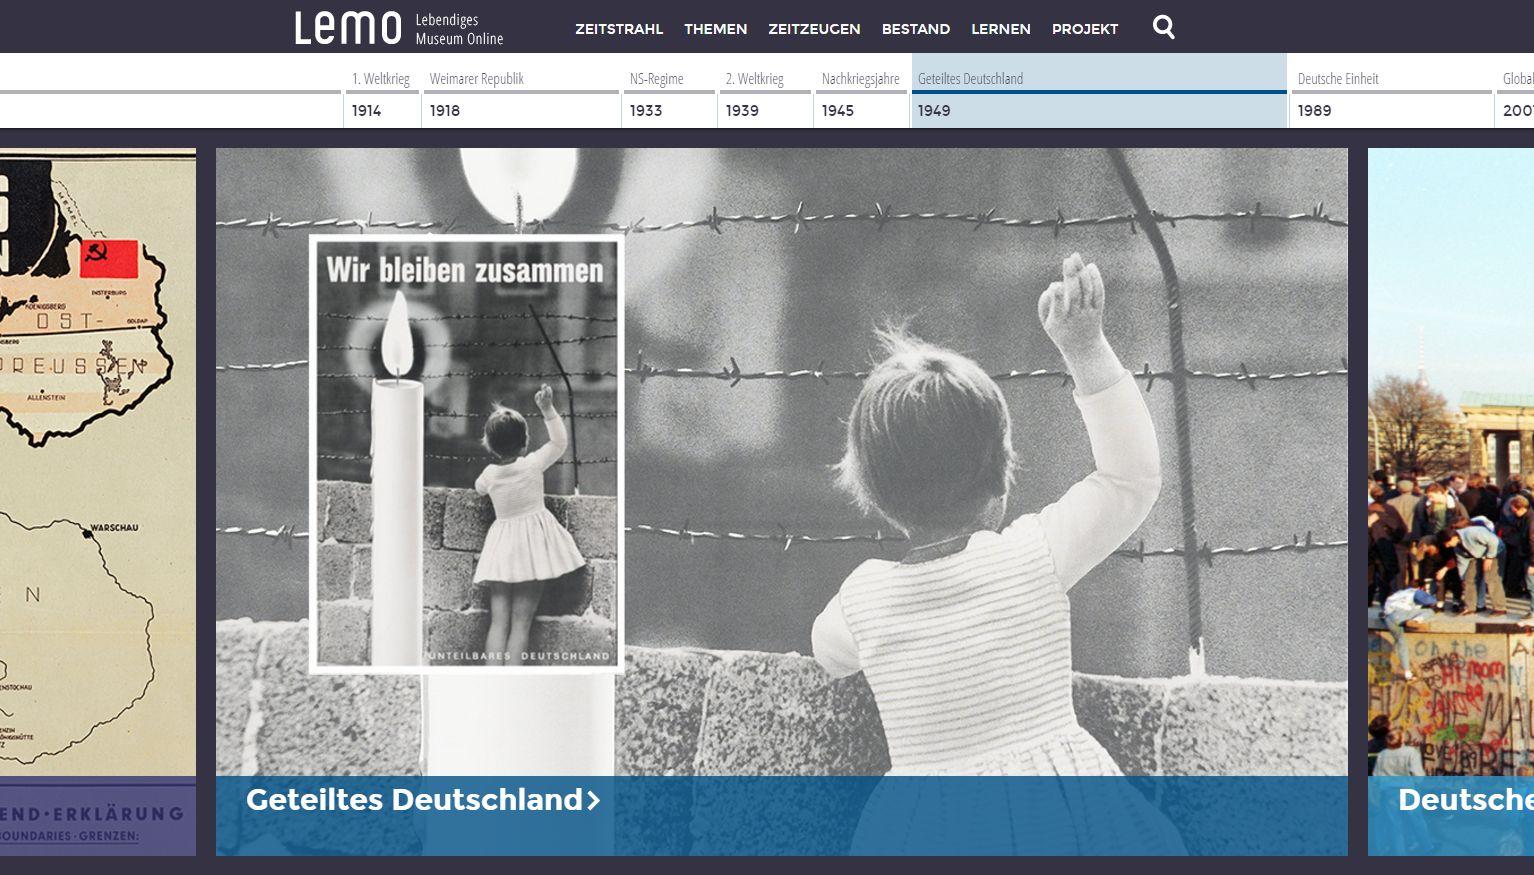 Screenshot der Epoche Geteiltes Deutschland im Online-Portal Lebendiges Museum Online LeMO